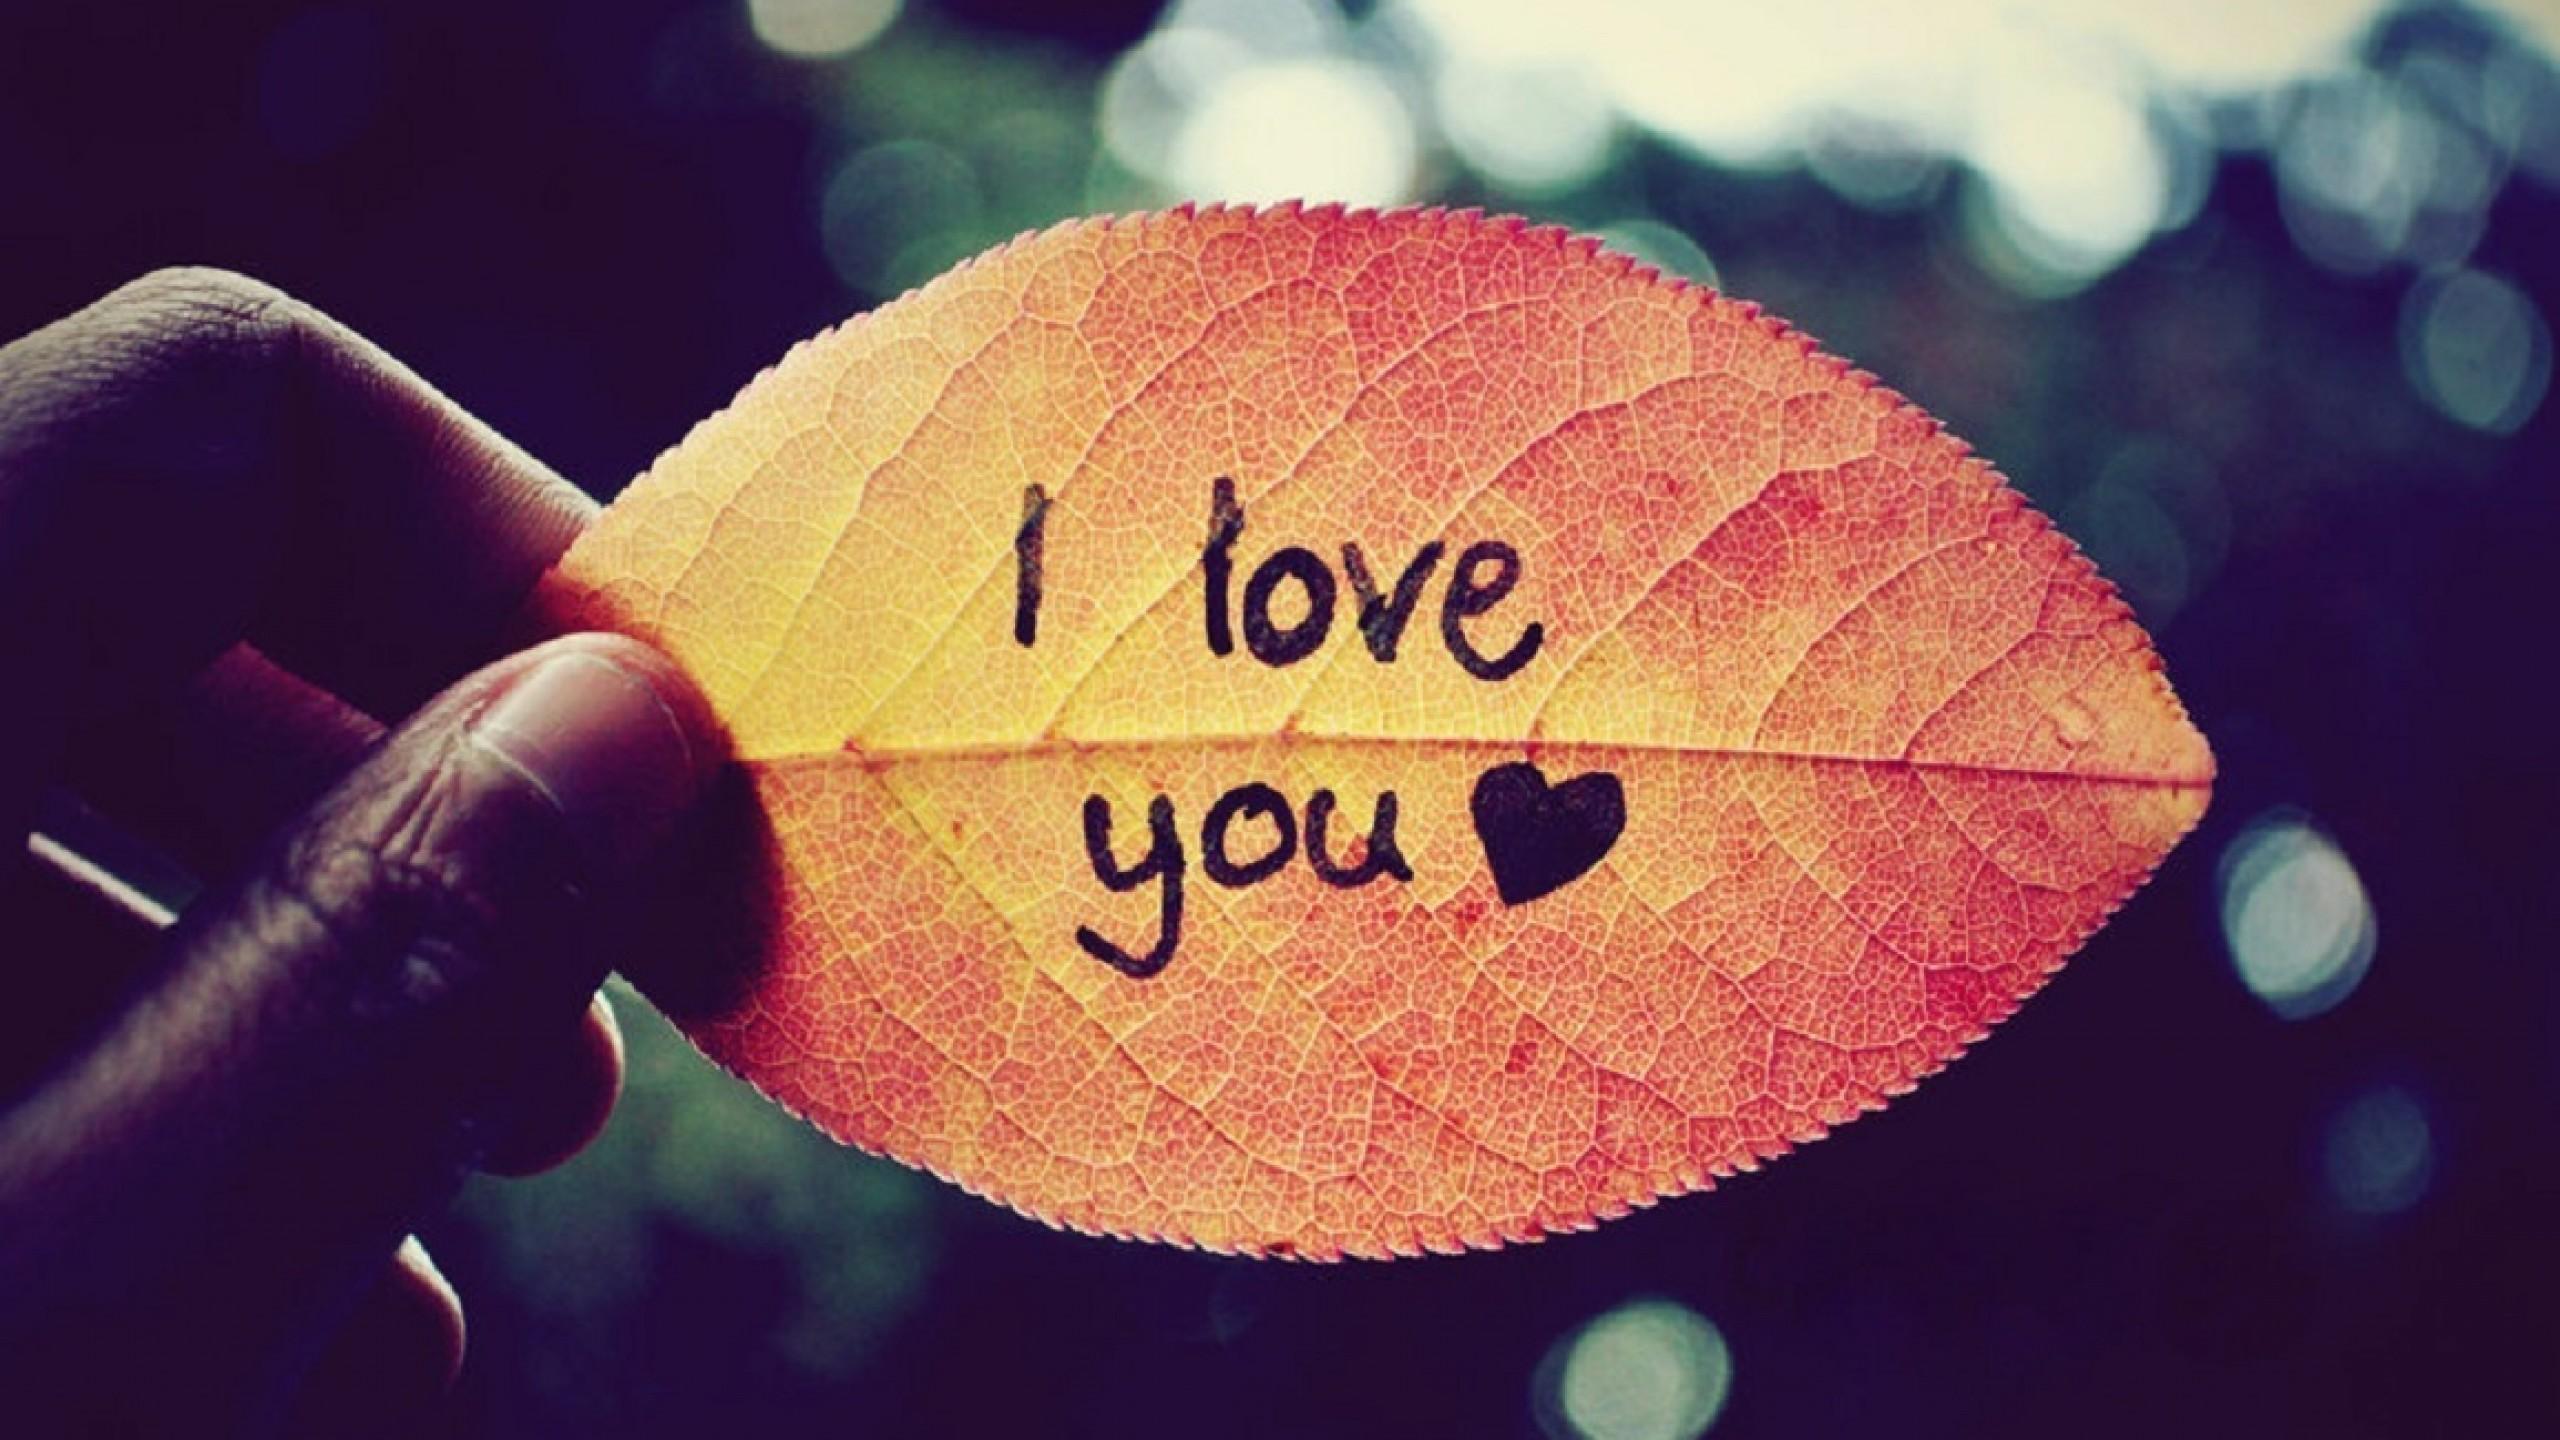 بالصور بوستات للفيس بوك رومانسية , اغمر حسابك على الفيس بوك بالرومانسية والحب 3299 6